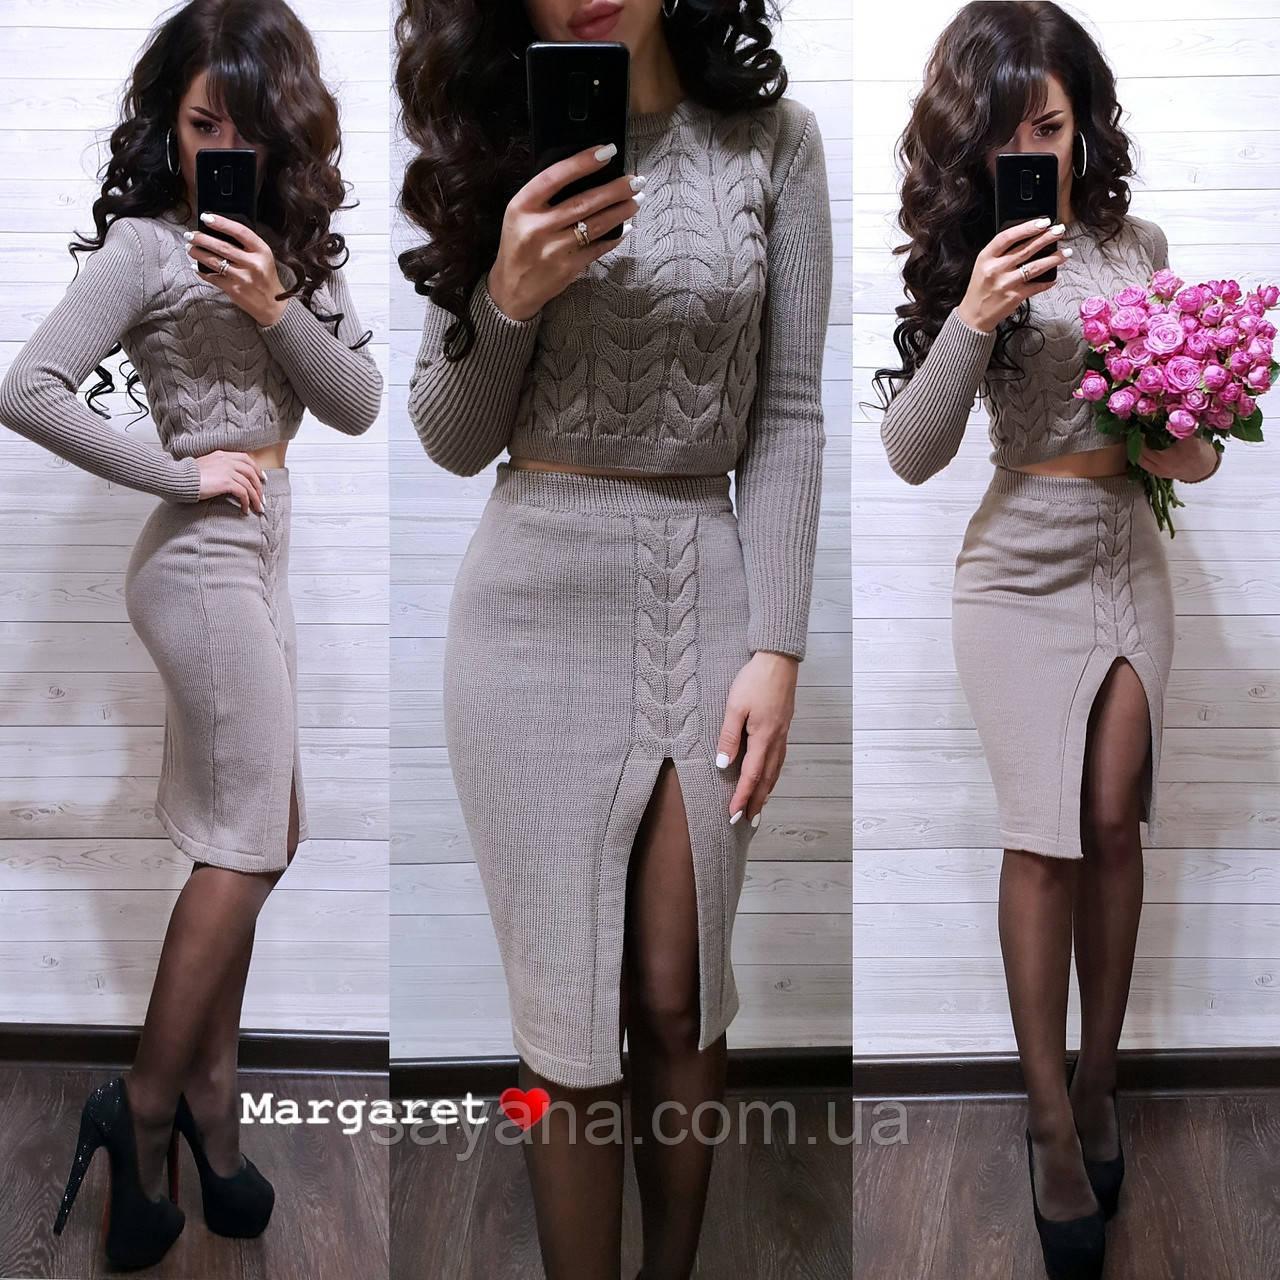 d4922b8116a Купить Женский вязаный костюм с юбкой в расцветках. БЛ-9-0119 ...